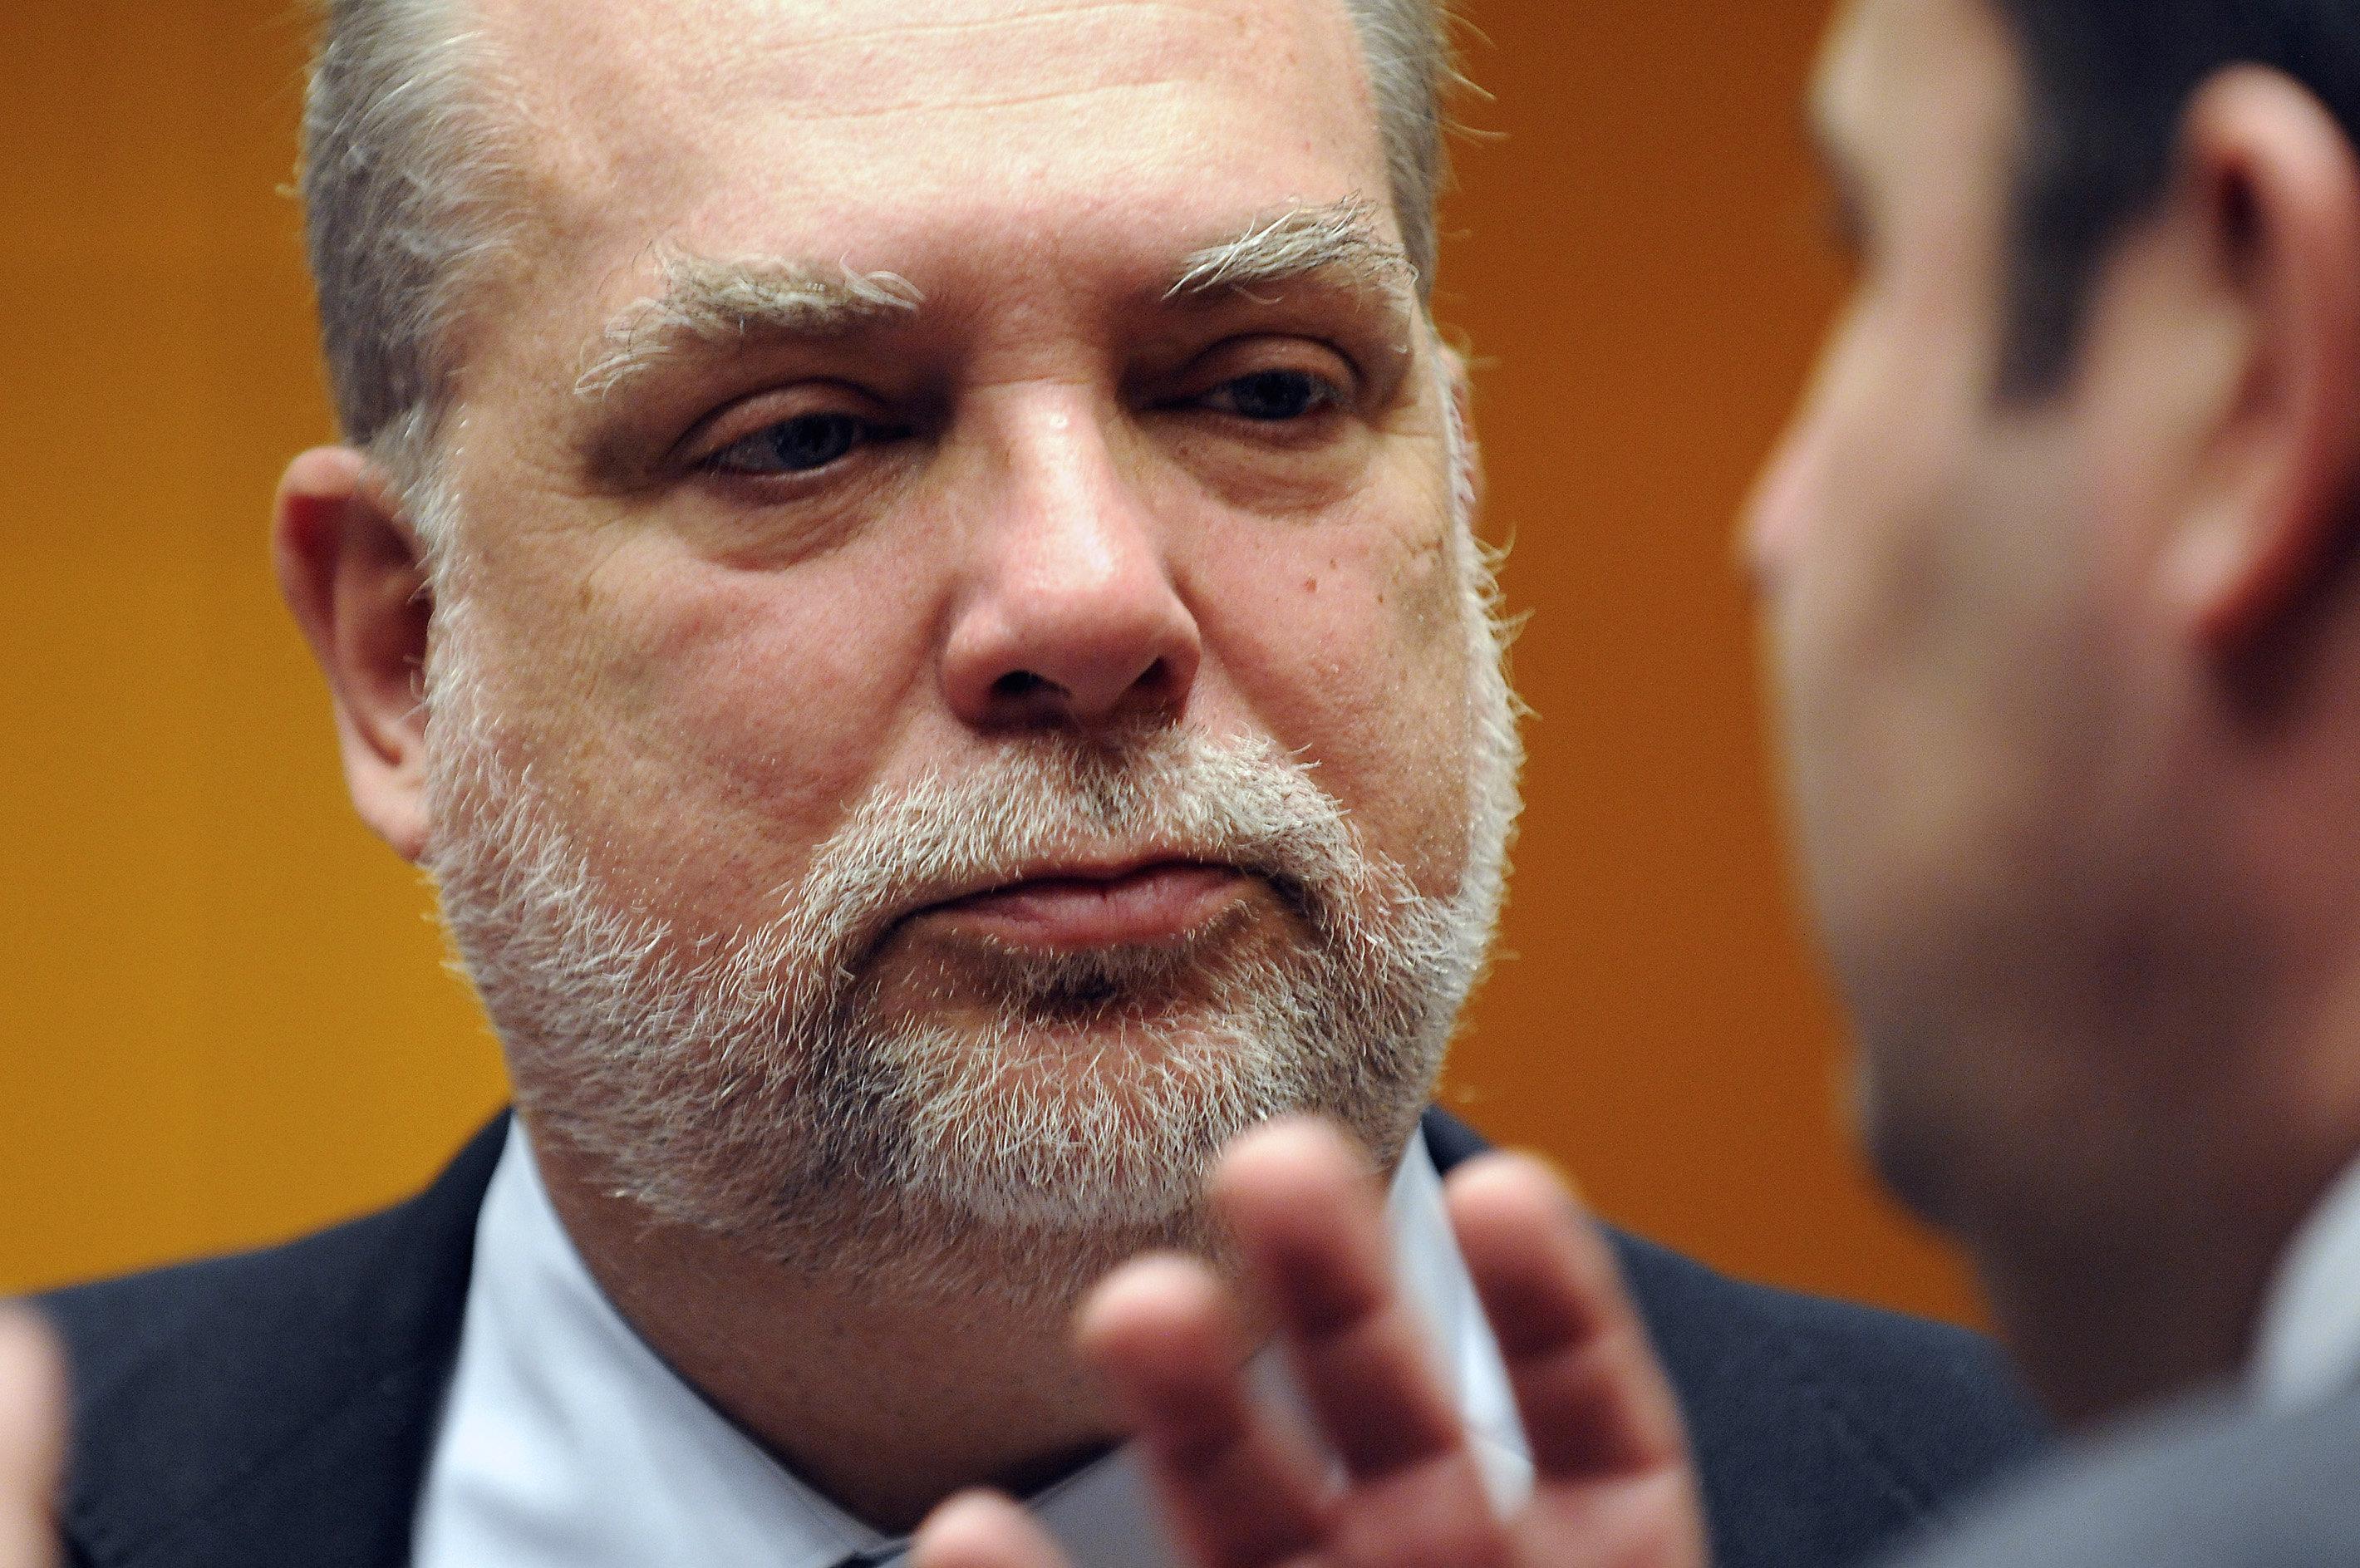 Βίζερ: Είναι ιδιαίτερα ενδεδειγμένο και πολύ πιθανό η Ελλάδα να πάρει επαρκή ελάφρυνση του χρέους